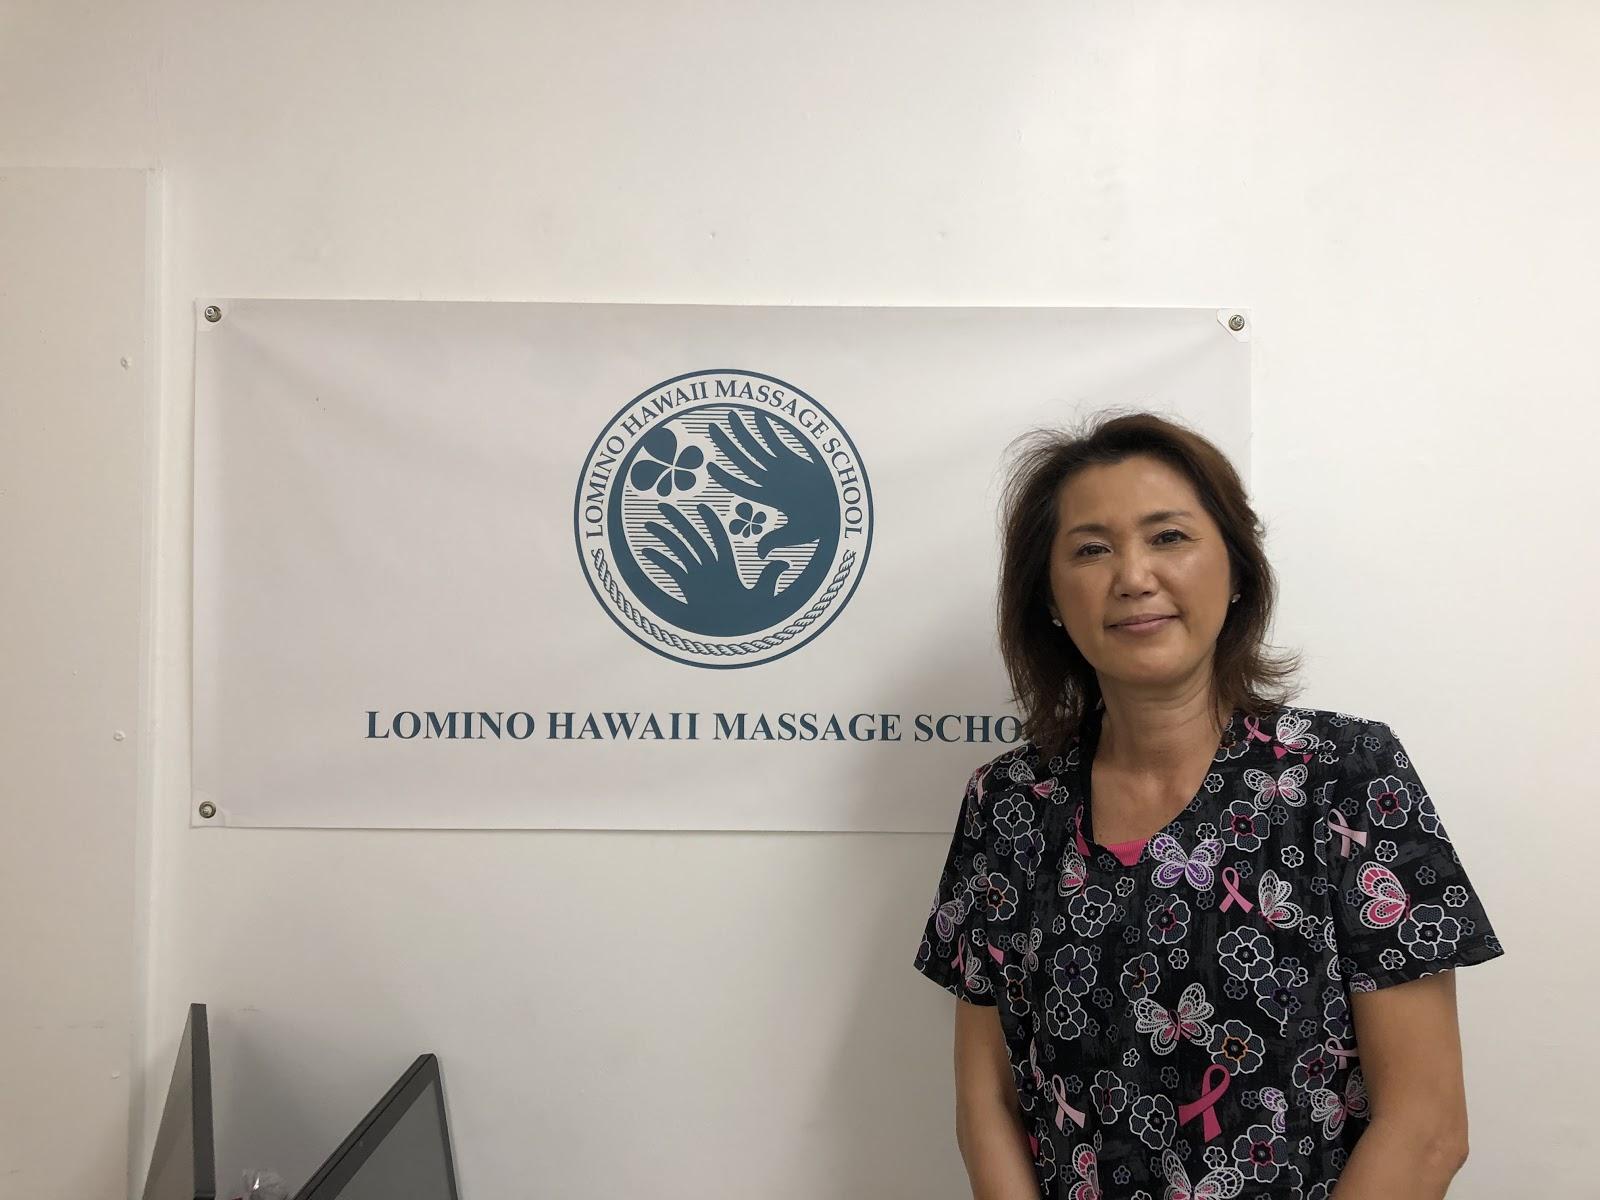 大好きなハワイで人生のリスタート!ロミロミの勉強とハワイ生活を堪能しながら楽しく留学しています!